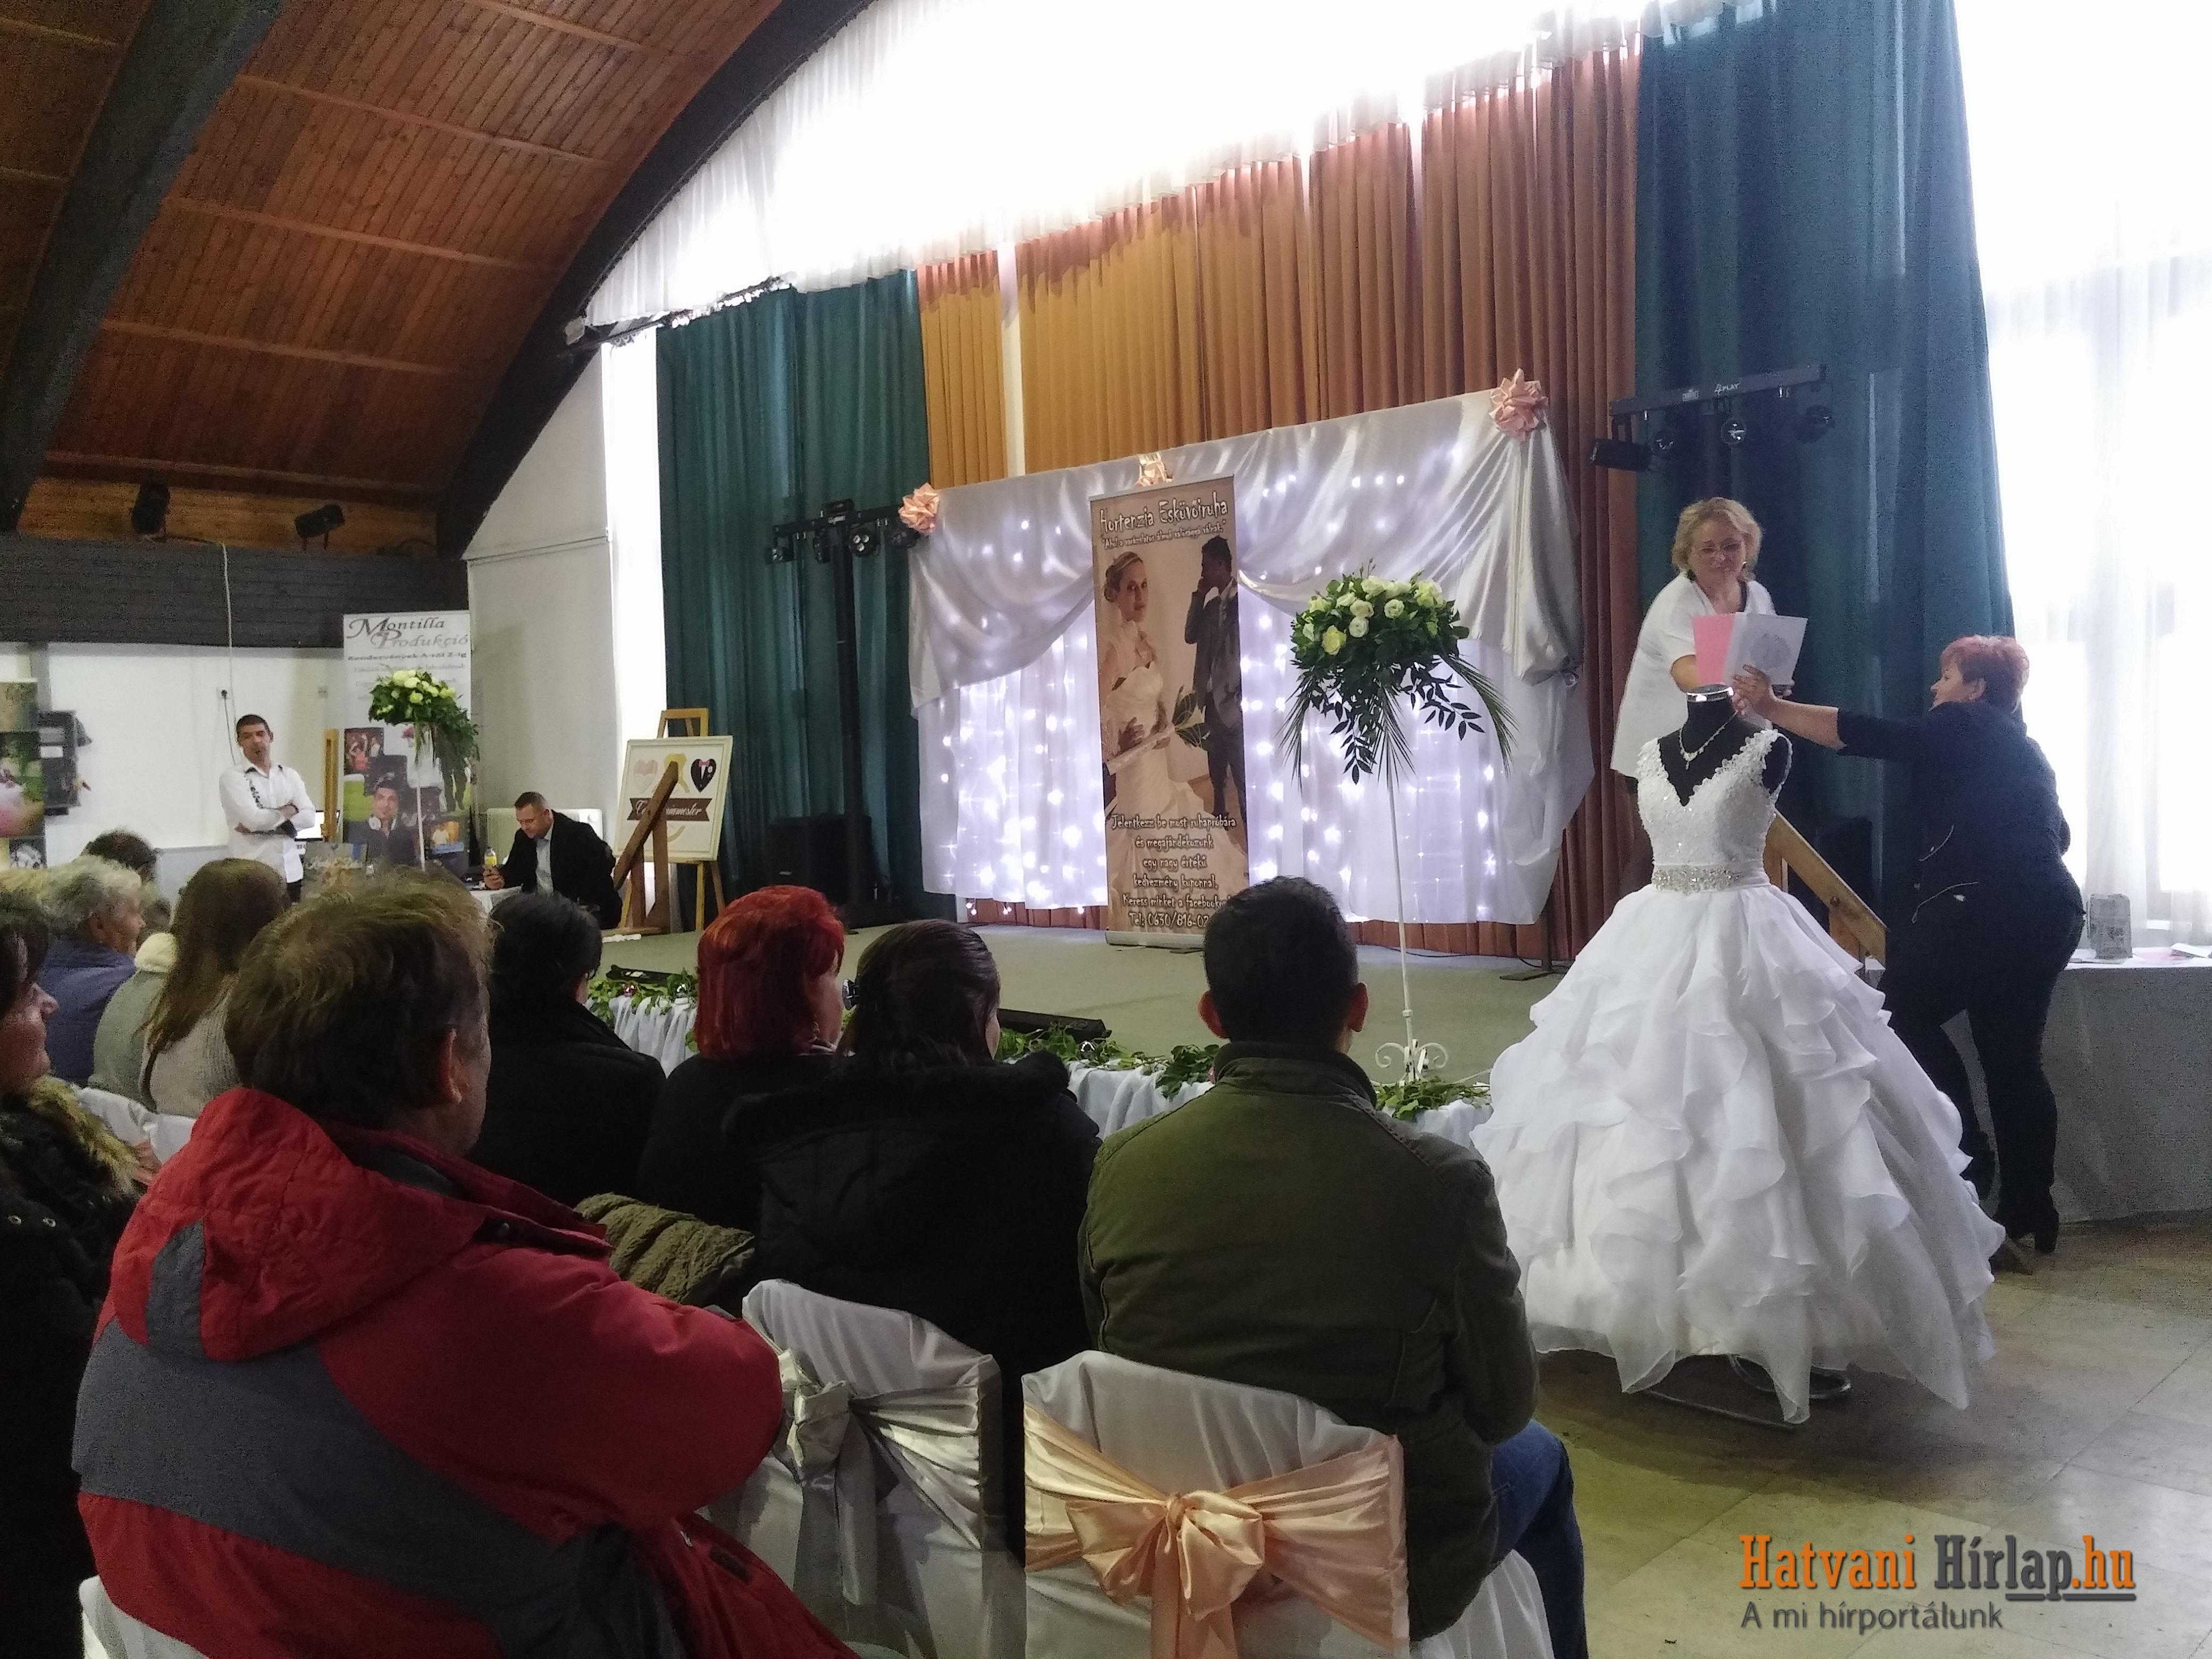 ce2f0c6735 Hatvani Esküvő Kiállítás - Minden, ami a nagy napot illeti - Hatvani ...